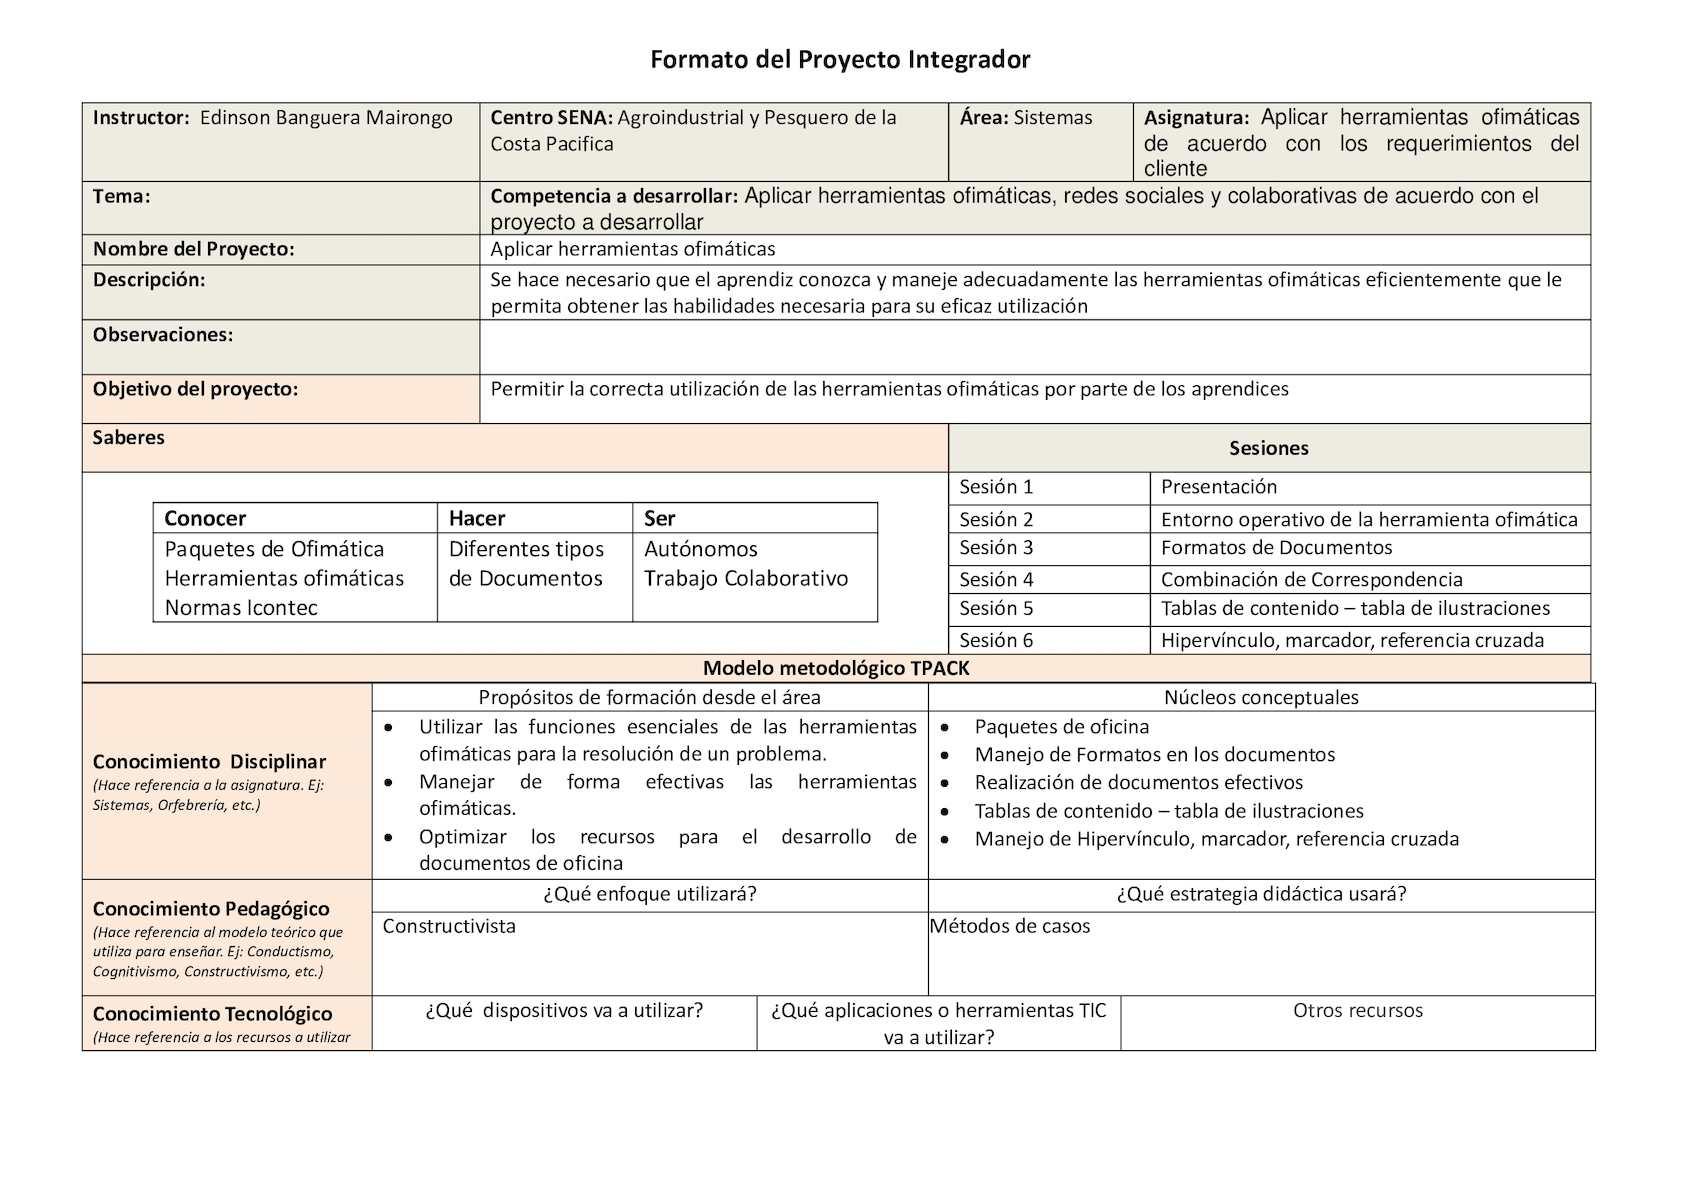 Calaméo - Formato Proyecto Integrador Edinson Banguera Mairongo